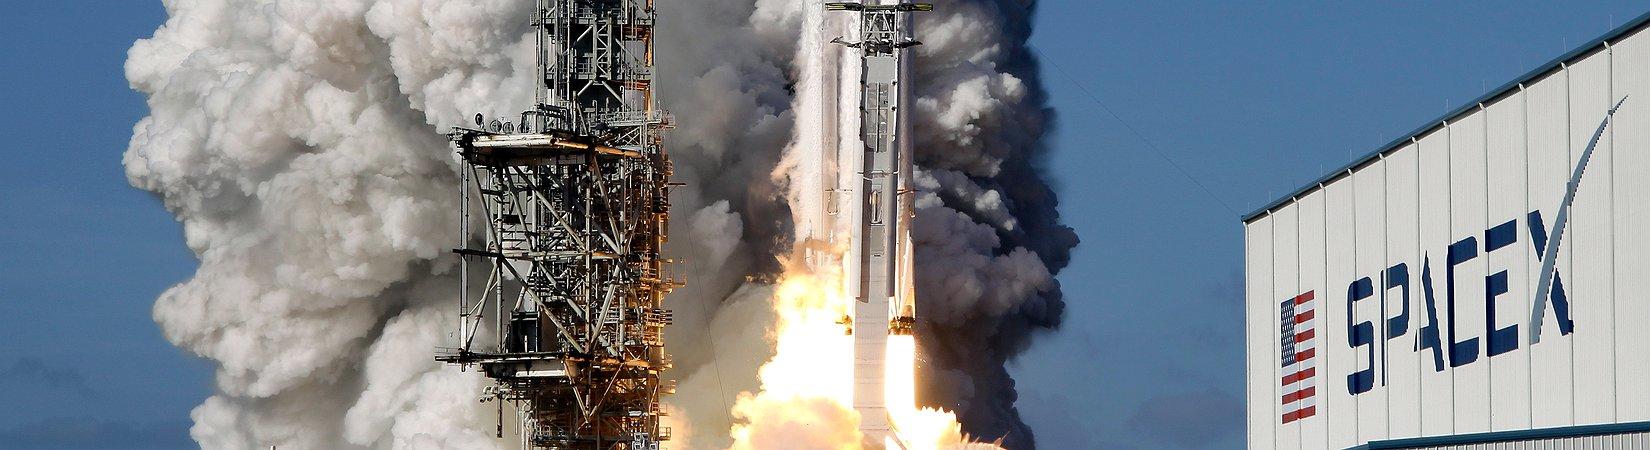 SpaceX bem-sucedida no lançamento do foguetão Falcon Heavy